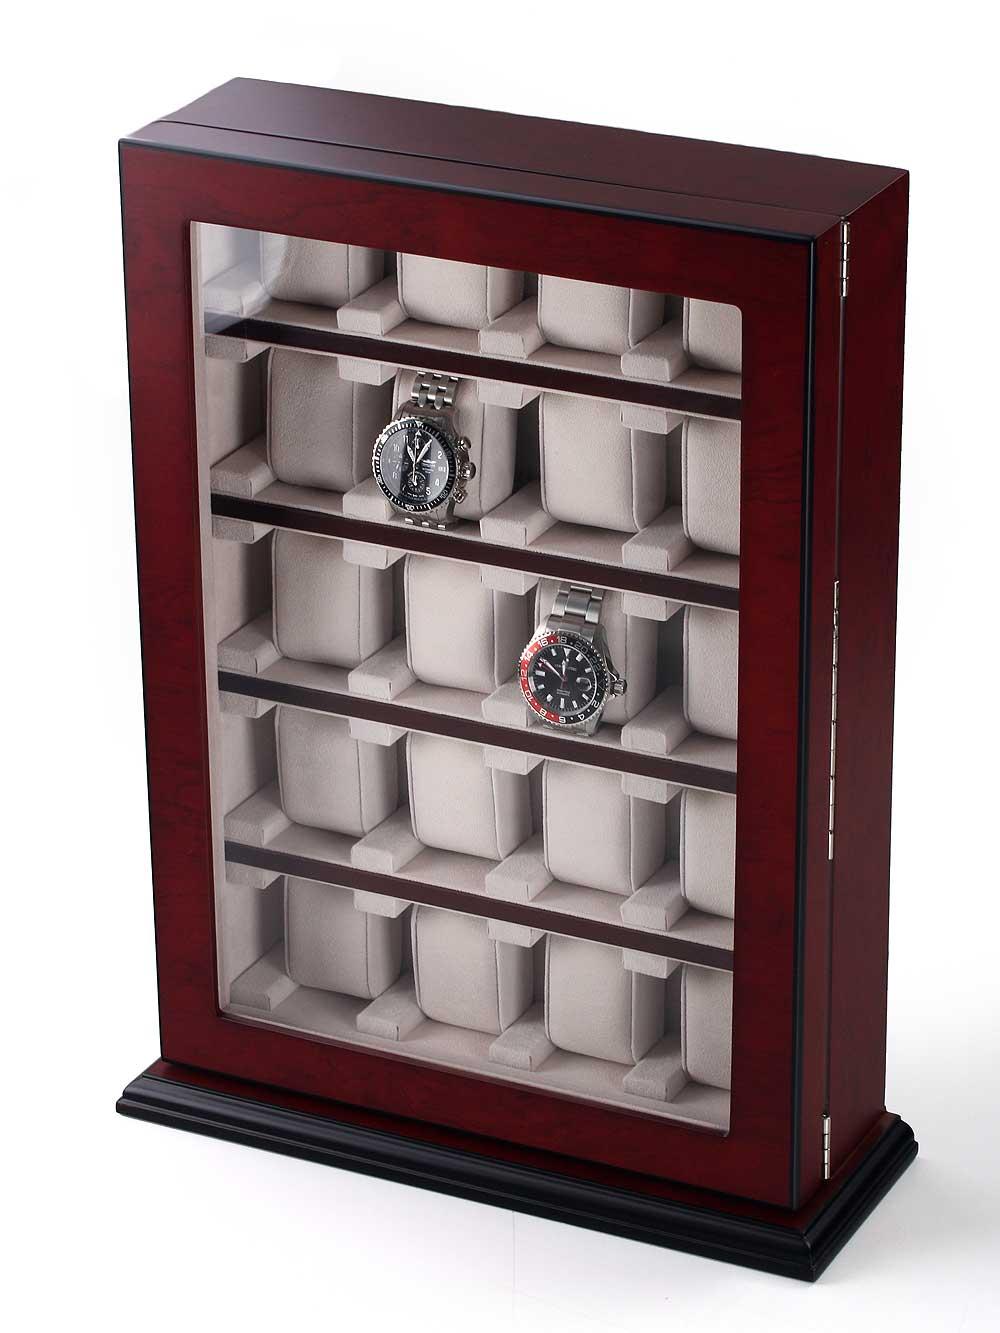 Rothenschild Uhrenvitrine RS-1100-20BU für 20 Uhren bubinga | Uhren > Uhrenboxen | Rothenschild